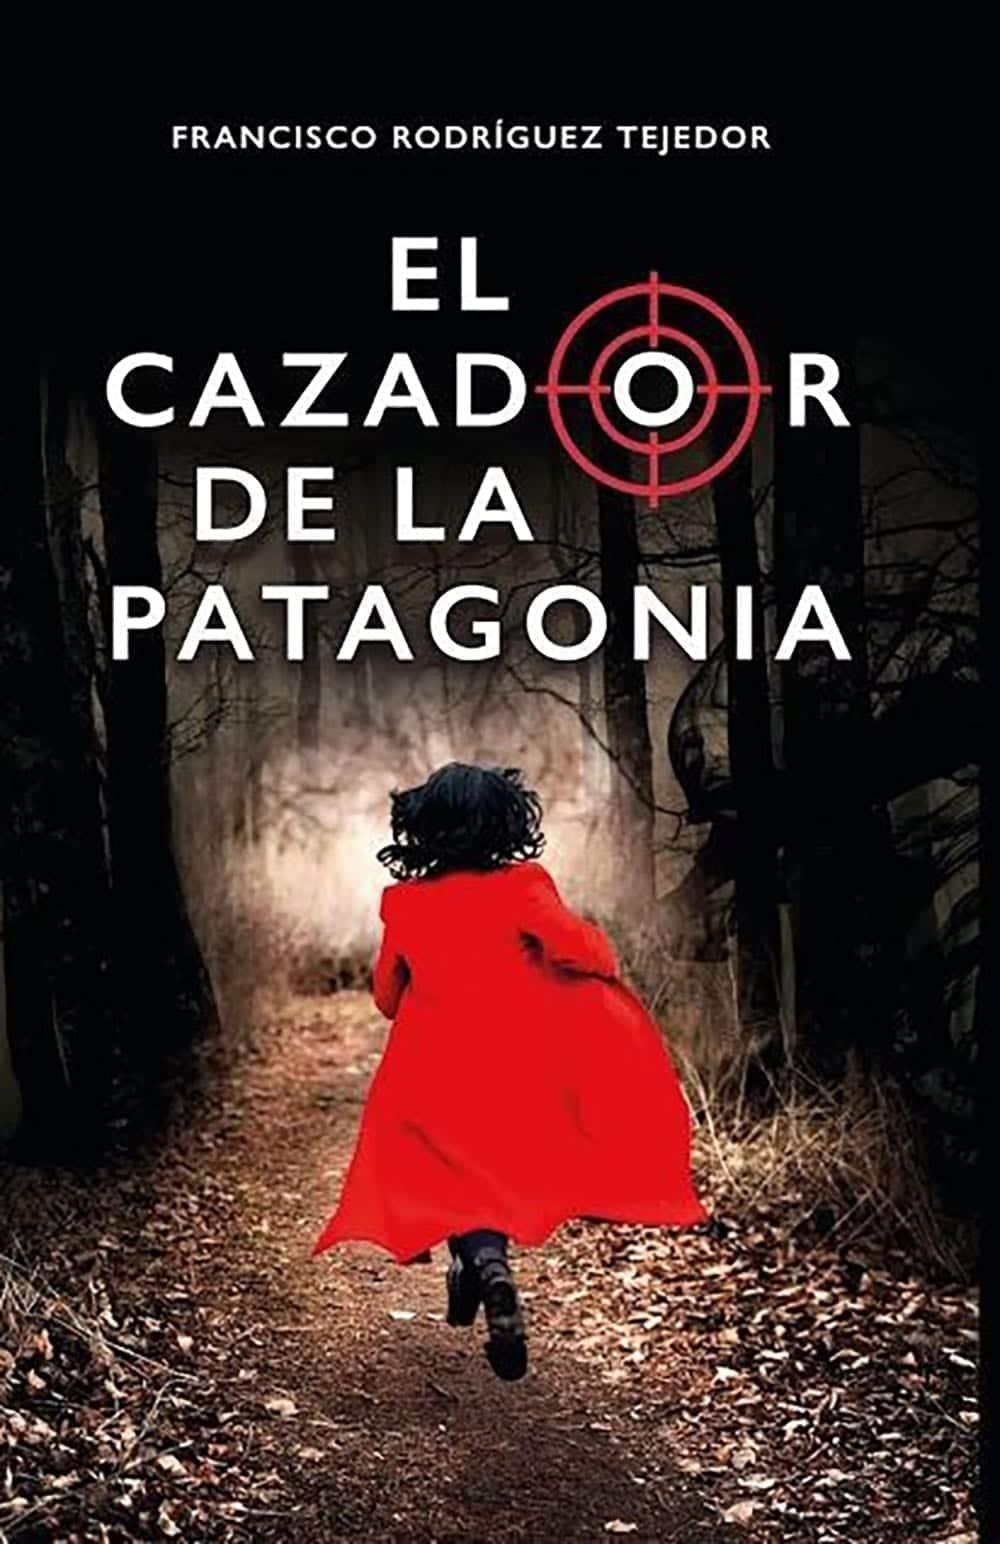 El Cazador de la Patagonia, de Francisco Rodríguez Tejedor